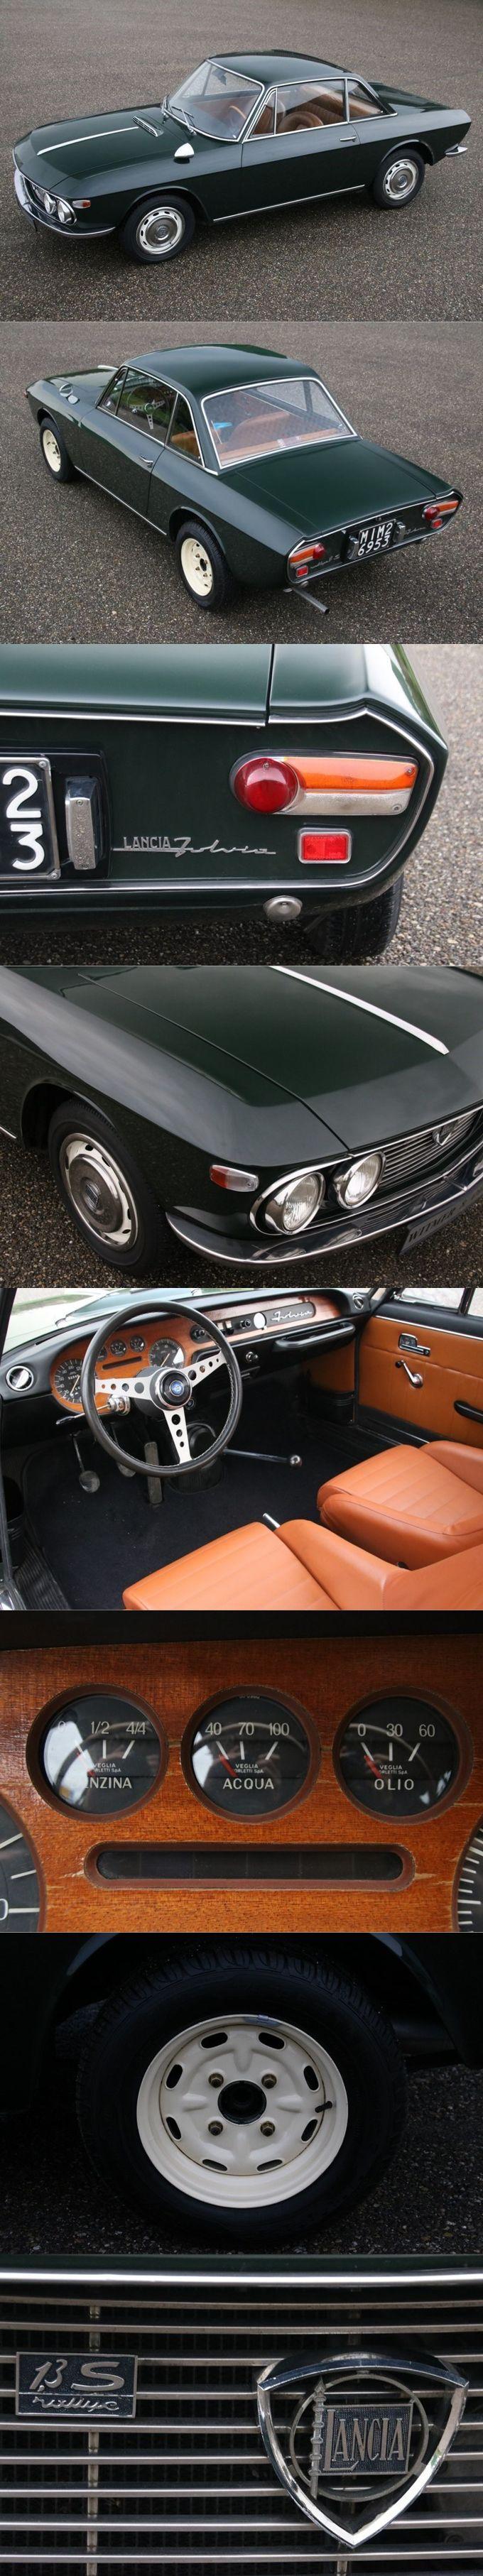 1968 Lancia Fulvia Coupe Rally 1.3S Edizione Doppio / Witmer & Odijk / Italy / green